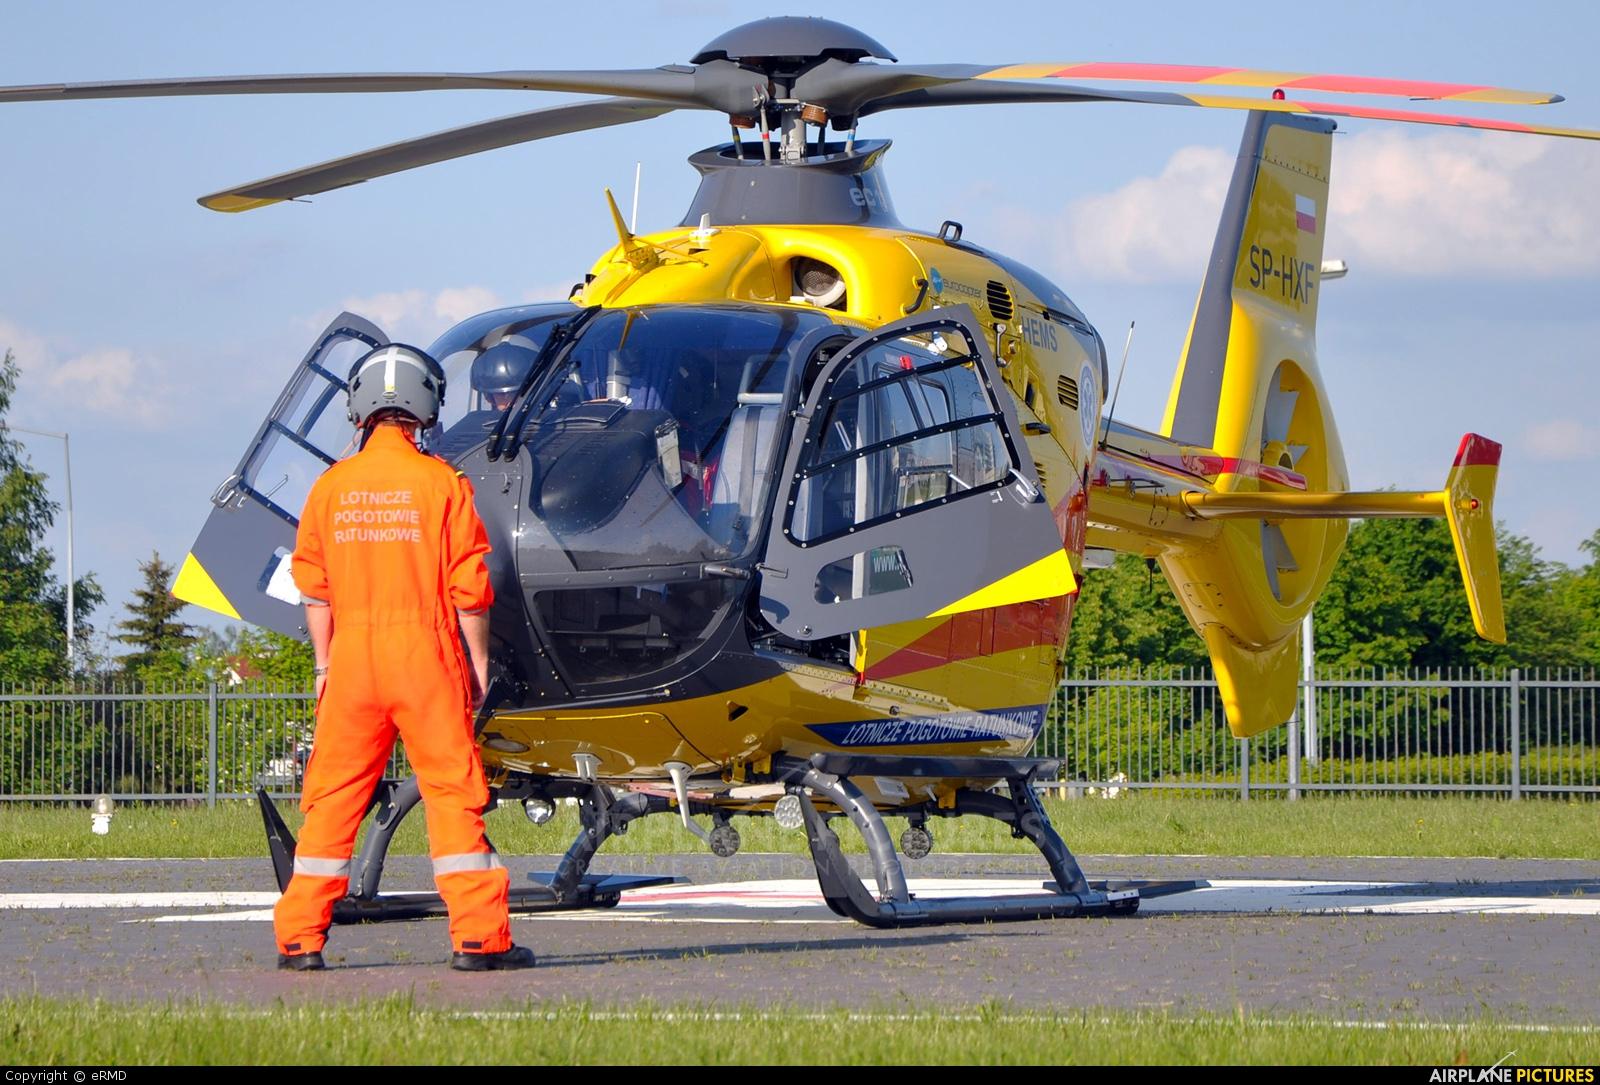 Polish Medical Air Rescue - Lotnicze Pogotowie Ratunkowe SP-HXF aircraft at Radom - Piastów